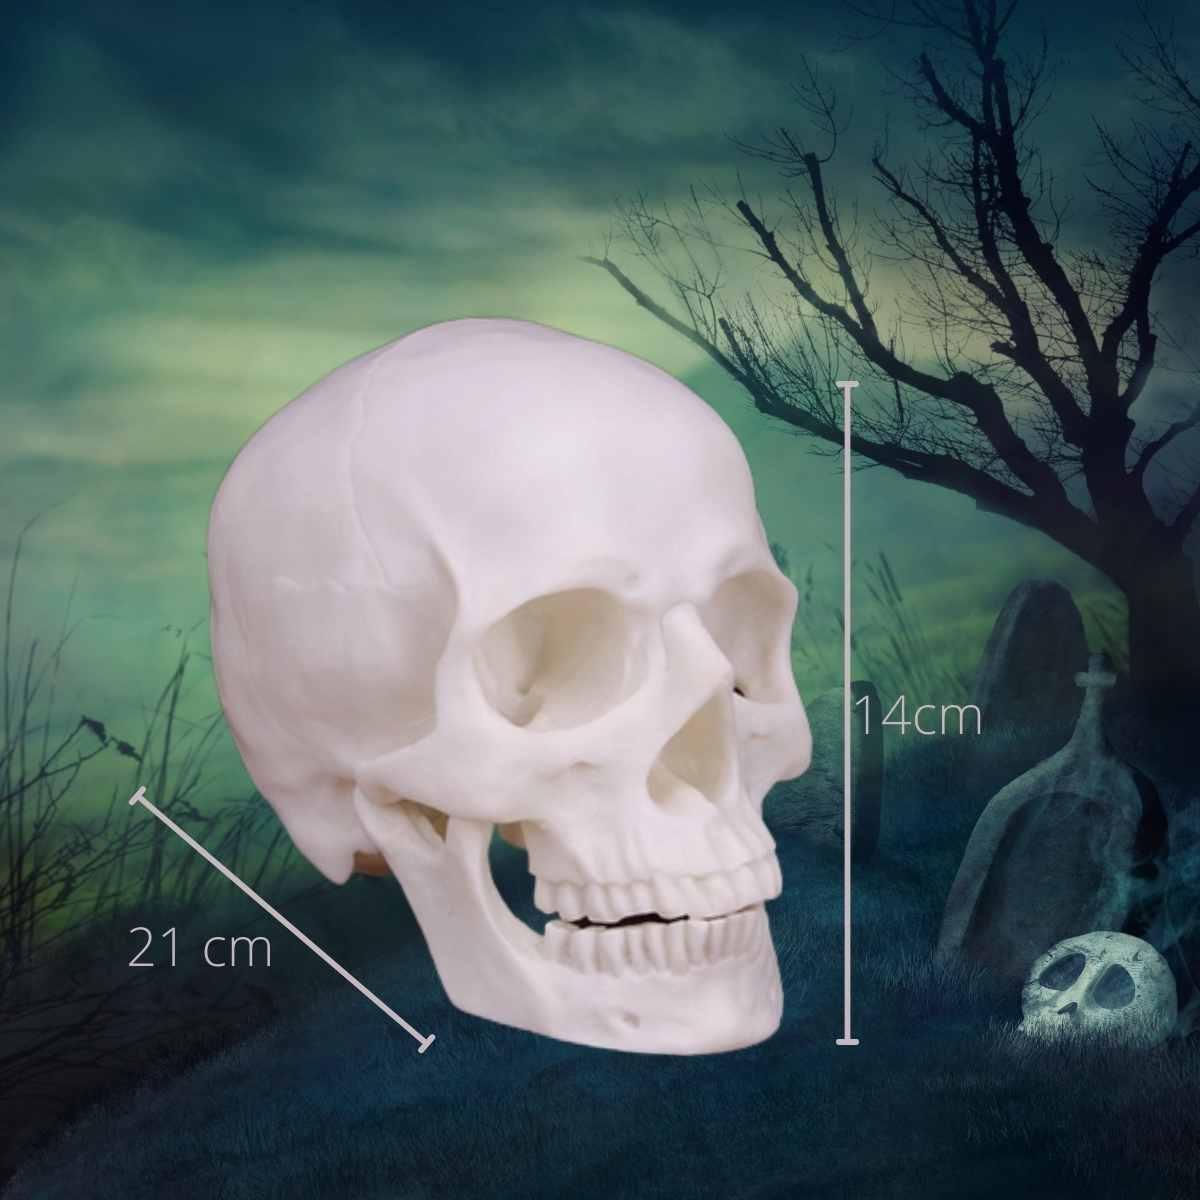 Cranio com Mandibula Articulavel 21x14